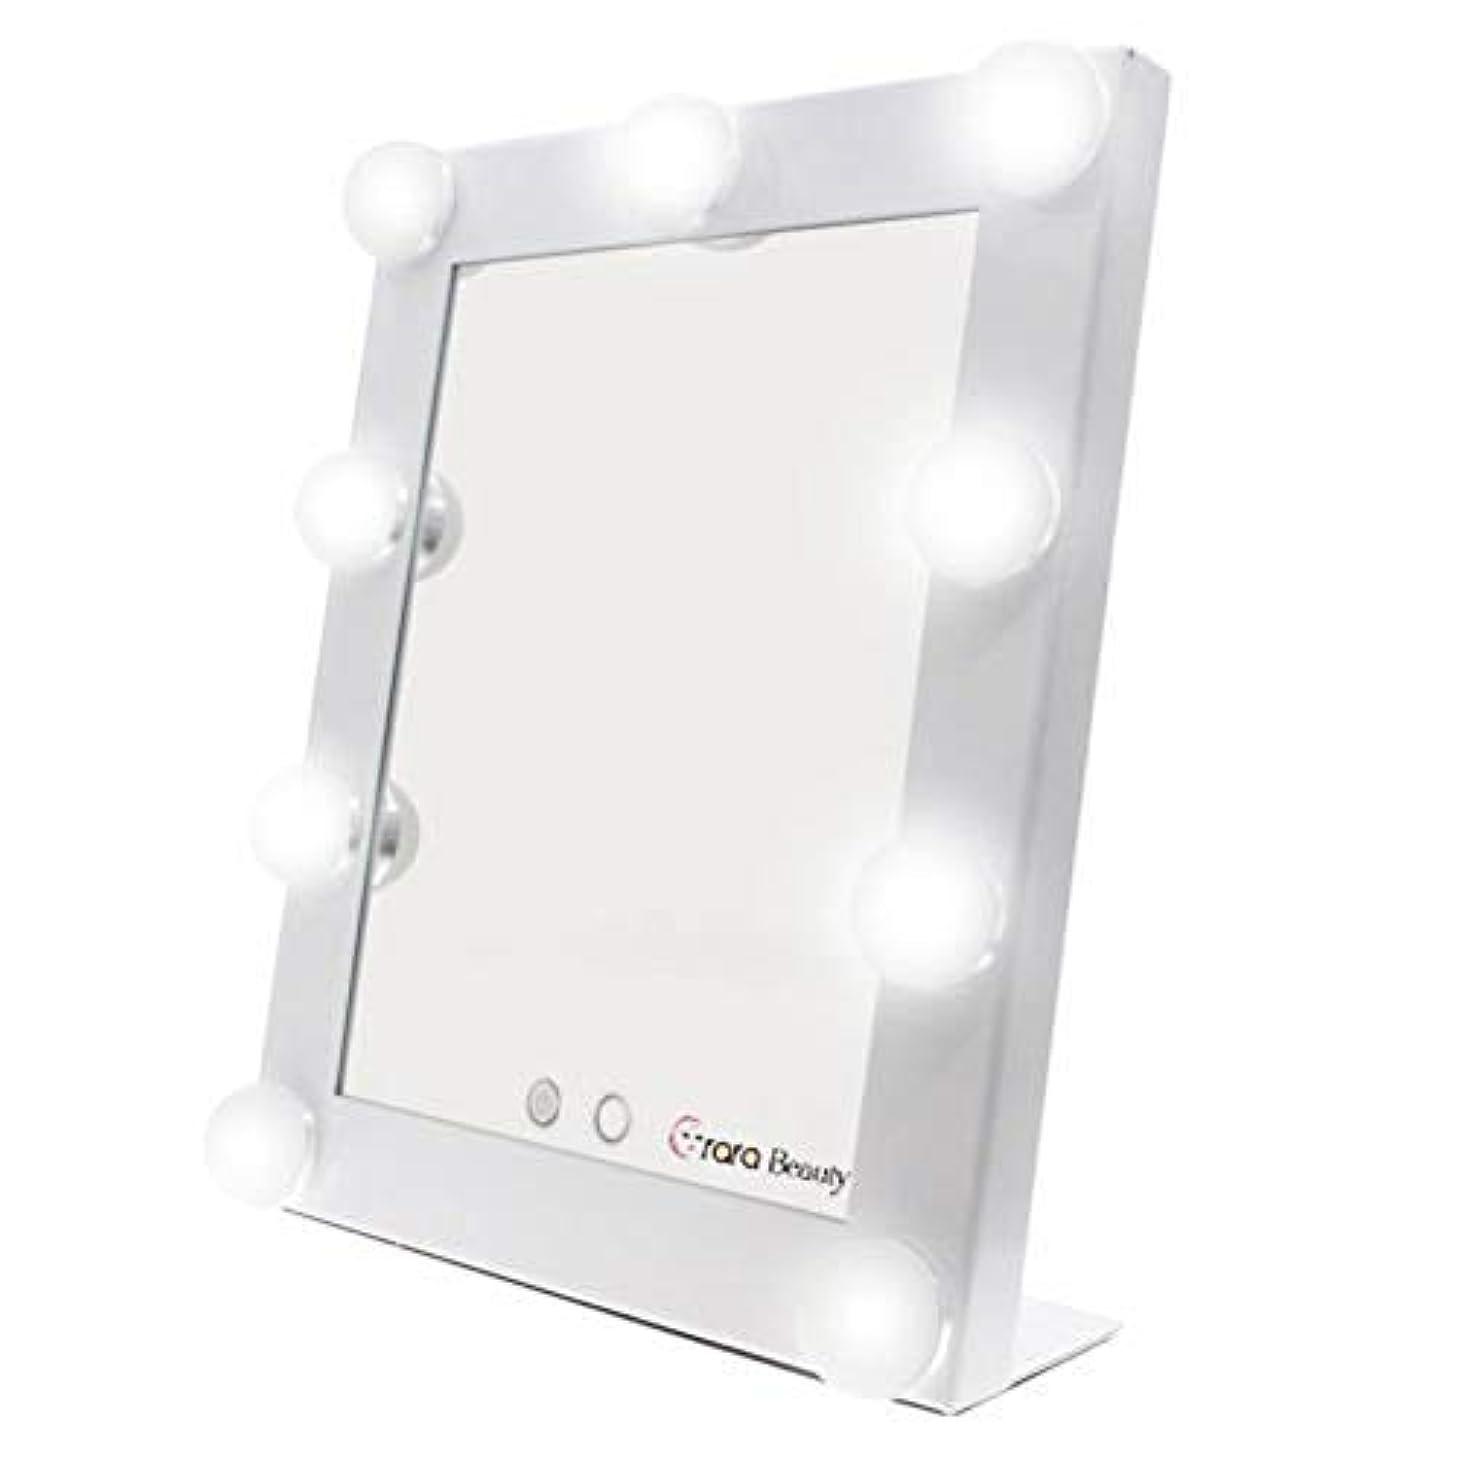 懇願するギャンブルあなたが良くなりますlily's JP home 化粧鏡 女優ミラー 化粧ミラー メイクアップミラー LEDライト付き ハリウッド式 9*3WLED電球付き 2way給電タイプ 卓上ミラー (ホワイト)